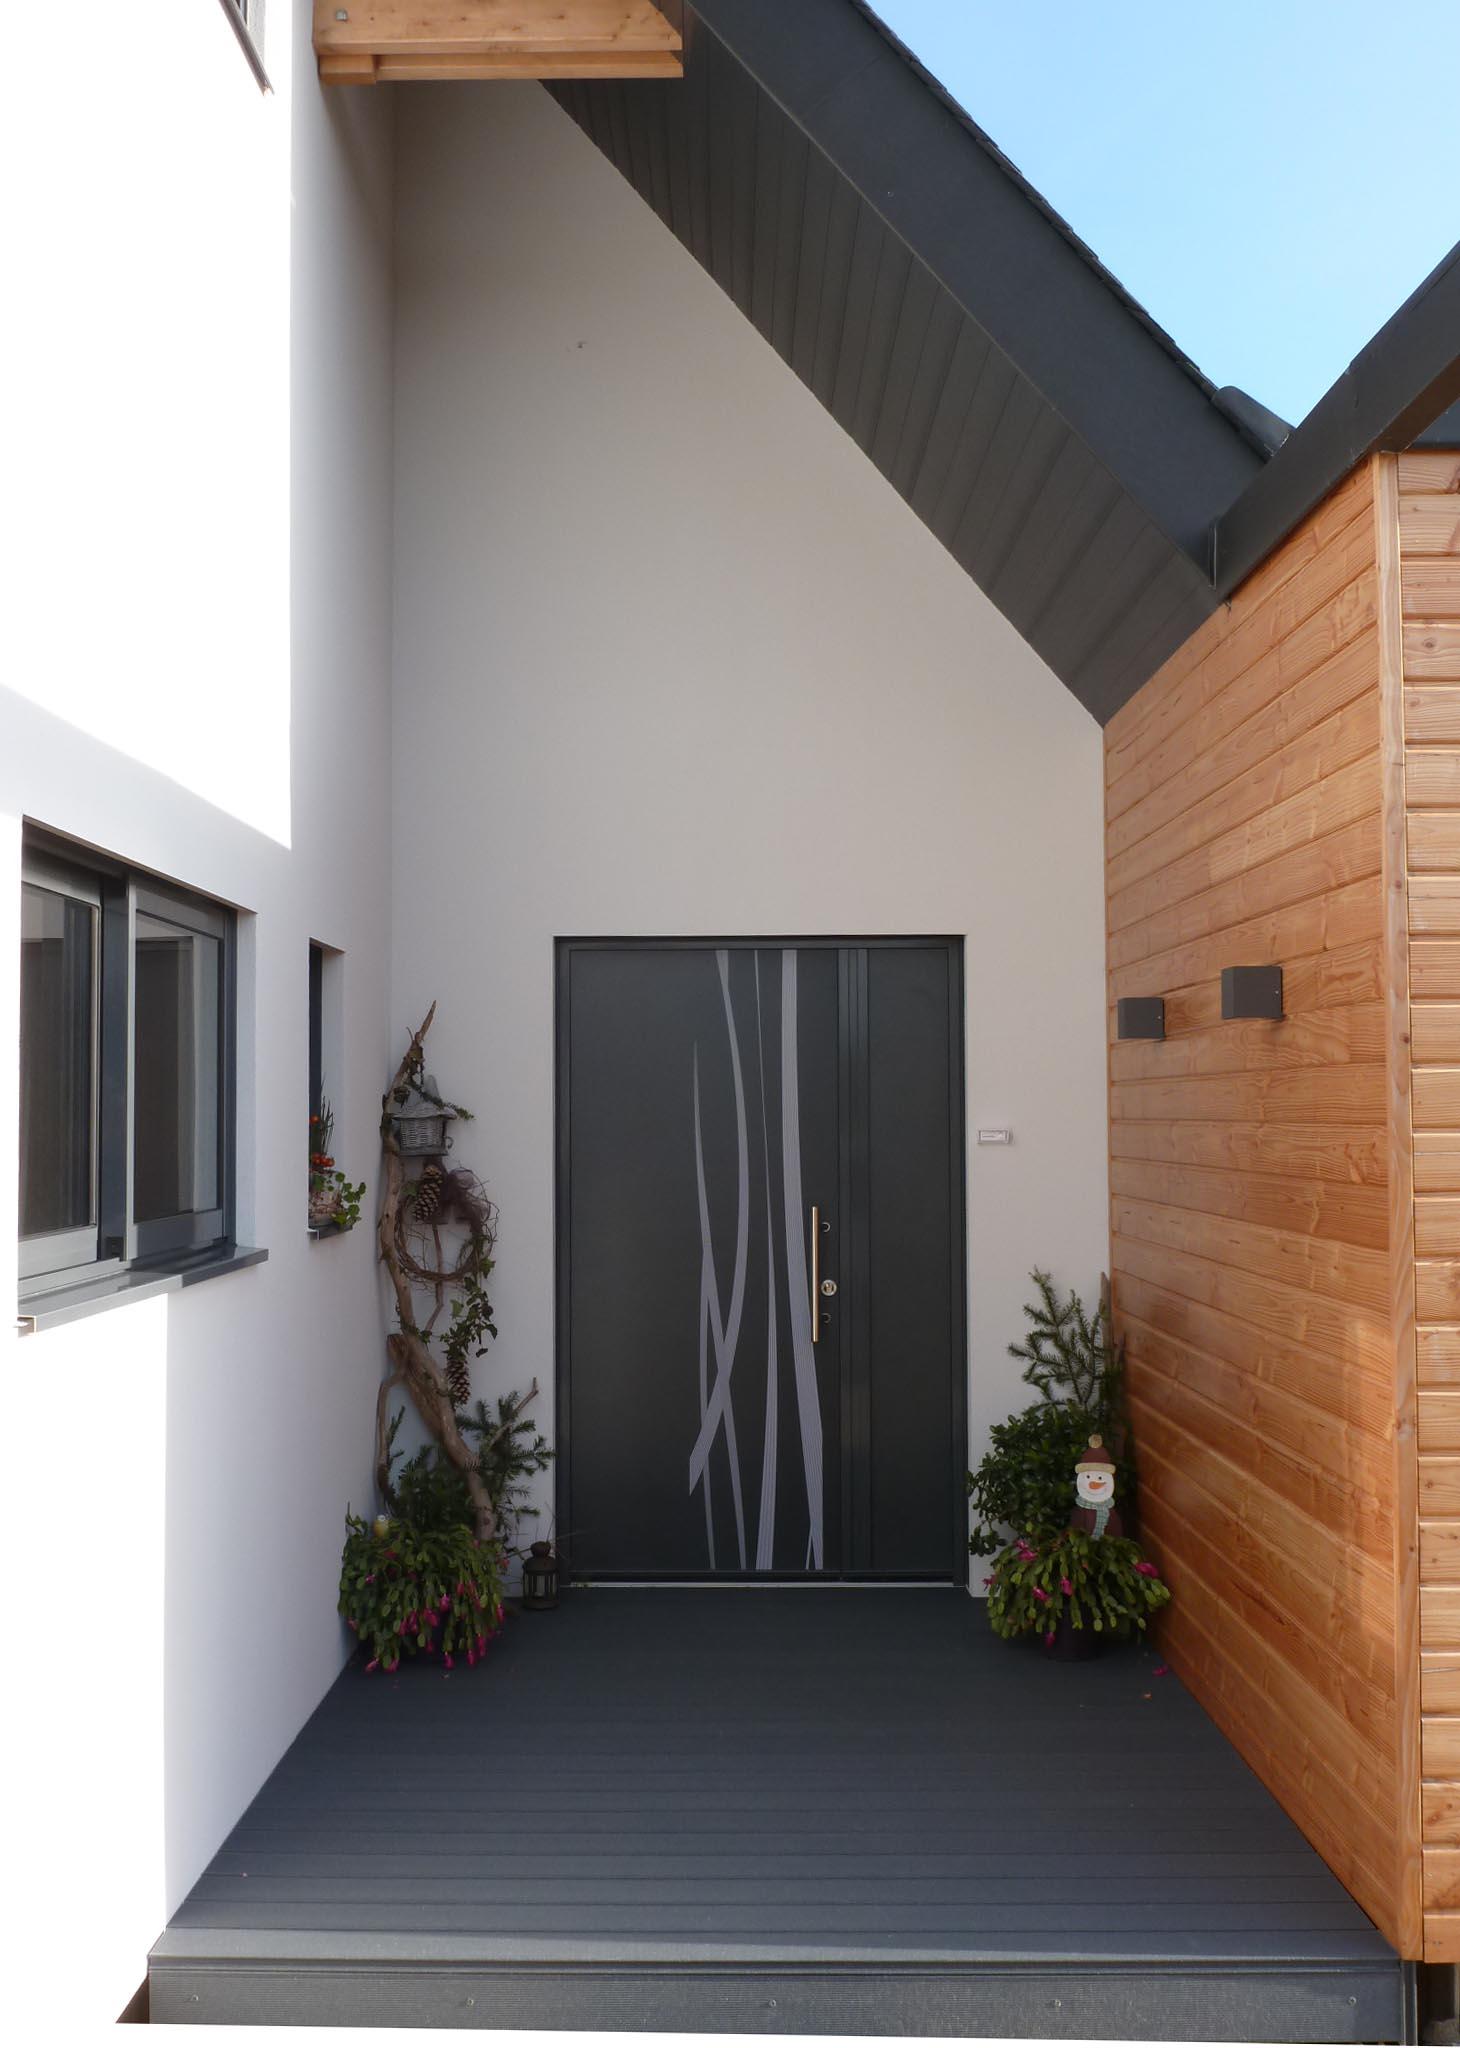 maison ite bbc st gildas de rhuys entr e couedel design herve couedel architecte d. Black Bedroom Furniture Sets. Home Design Ideas